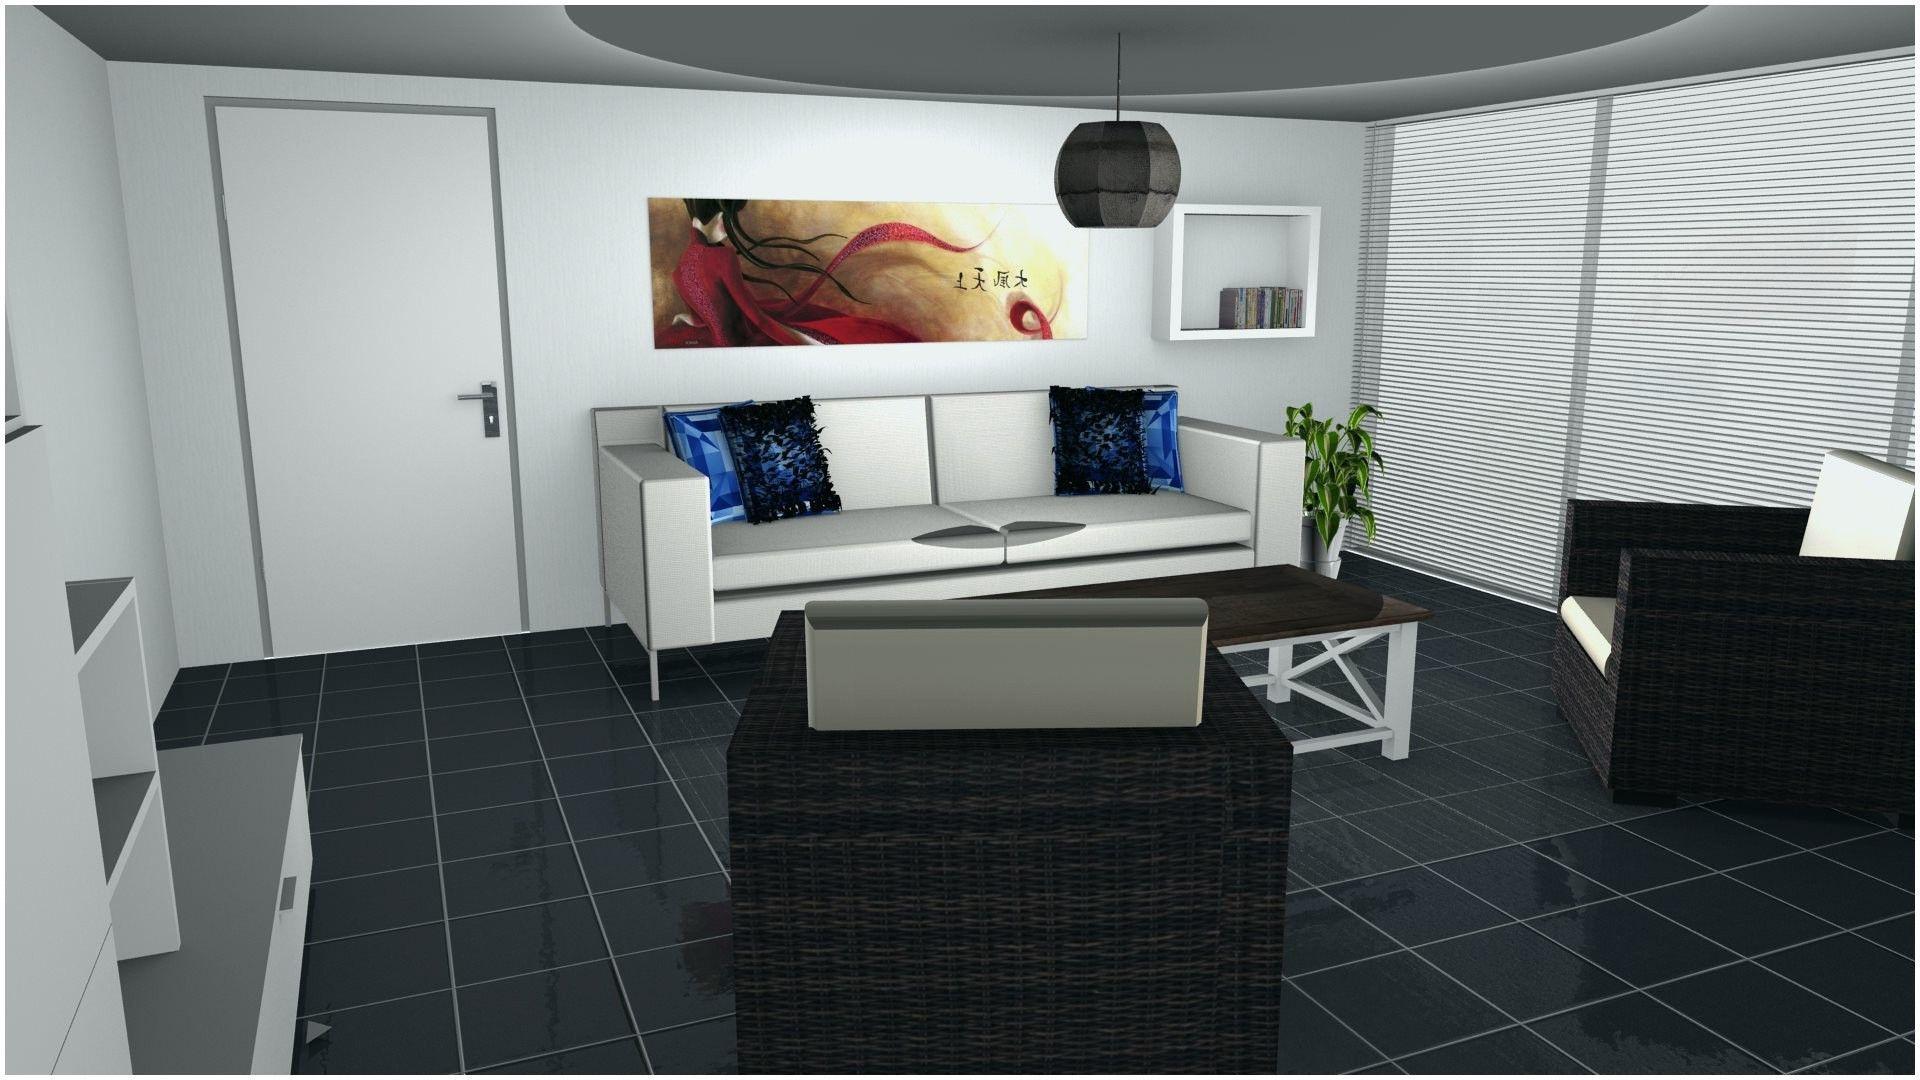 Fresh Logiciel Dessin Cuisine Gratuit Amenagement Salle De Bain Plan Cuisine Decoration Interieure